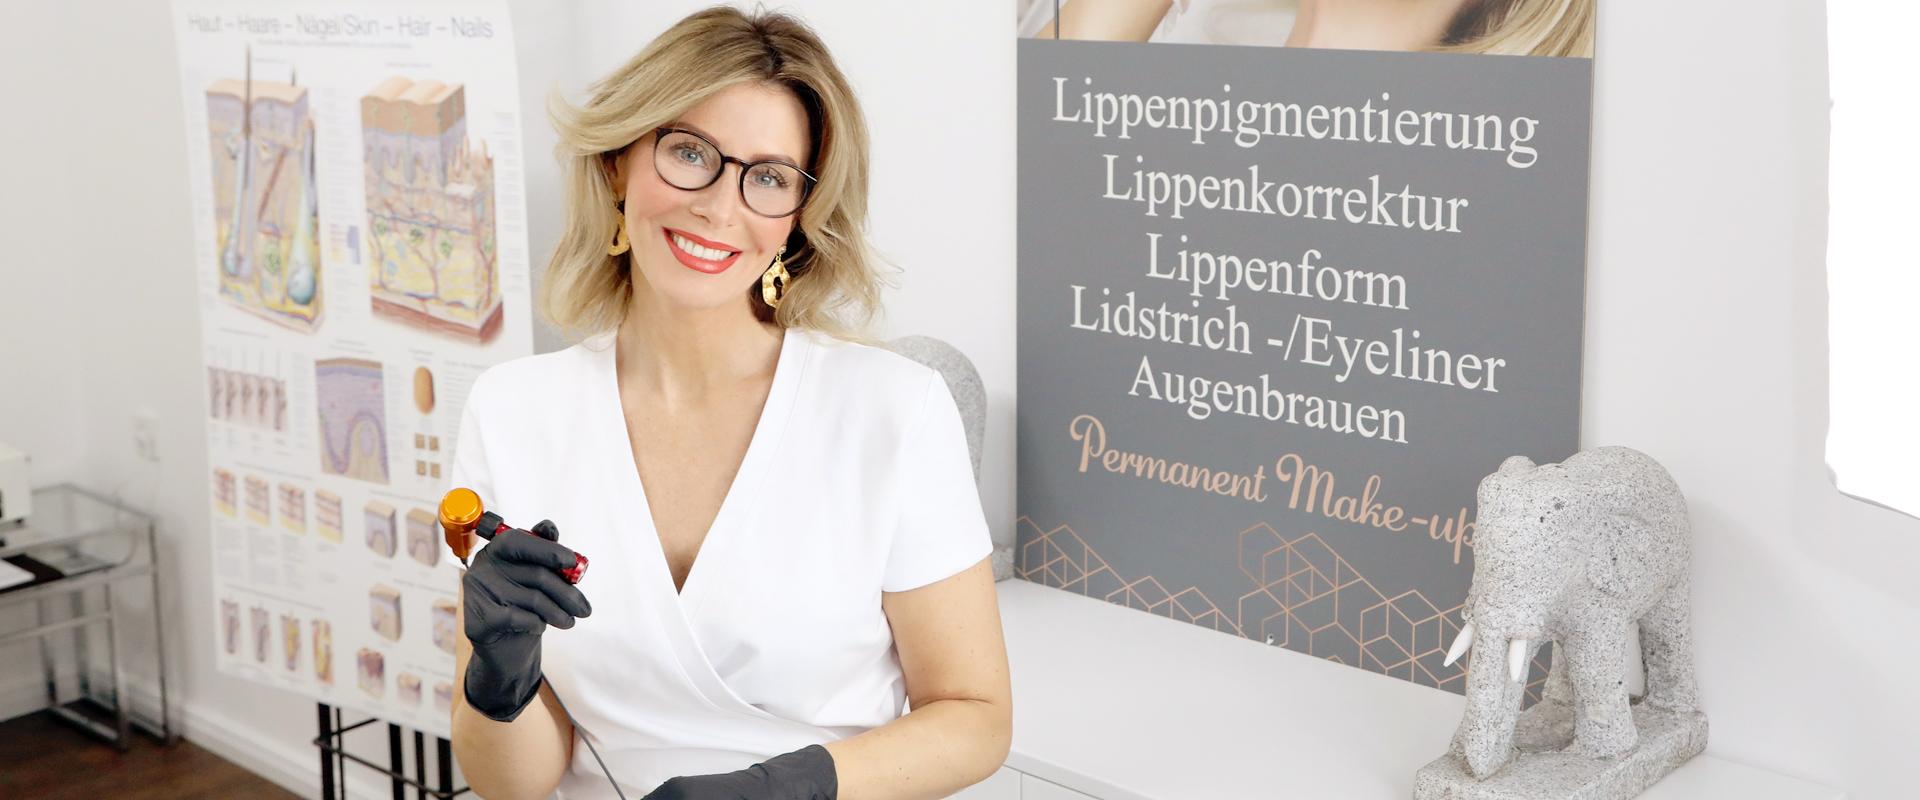 Svitlana Lauterbach, Permanent Make-Up Meisterin Bremen